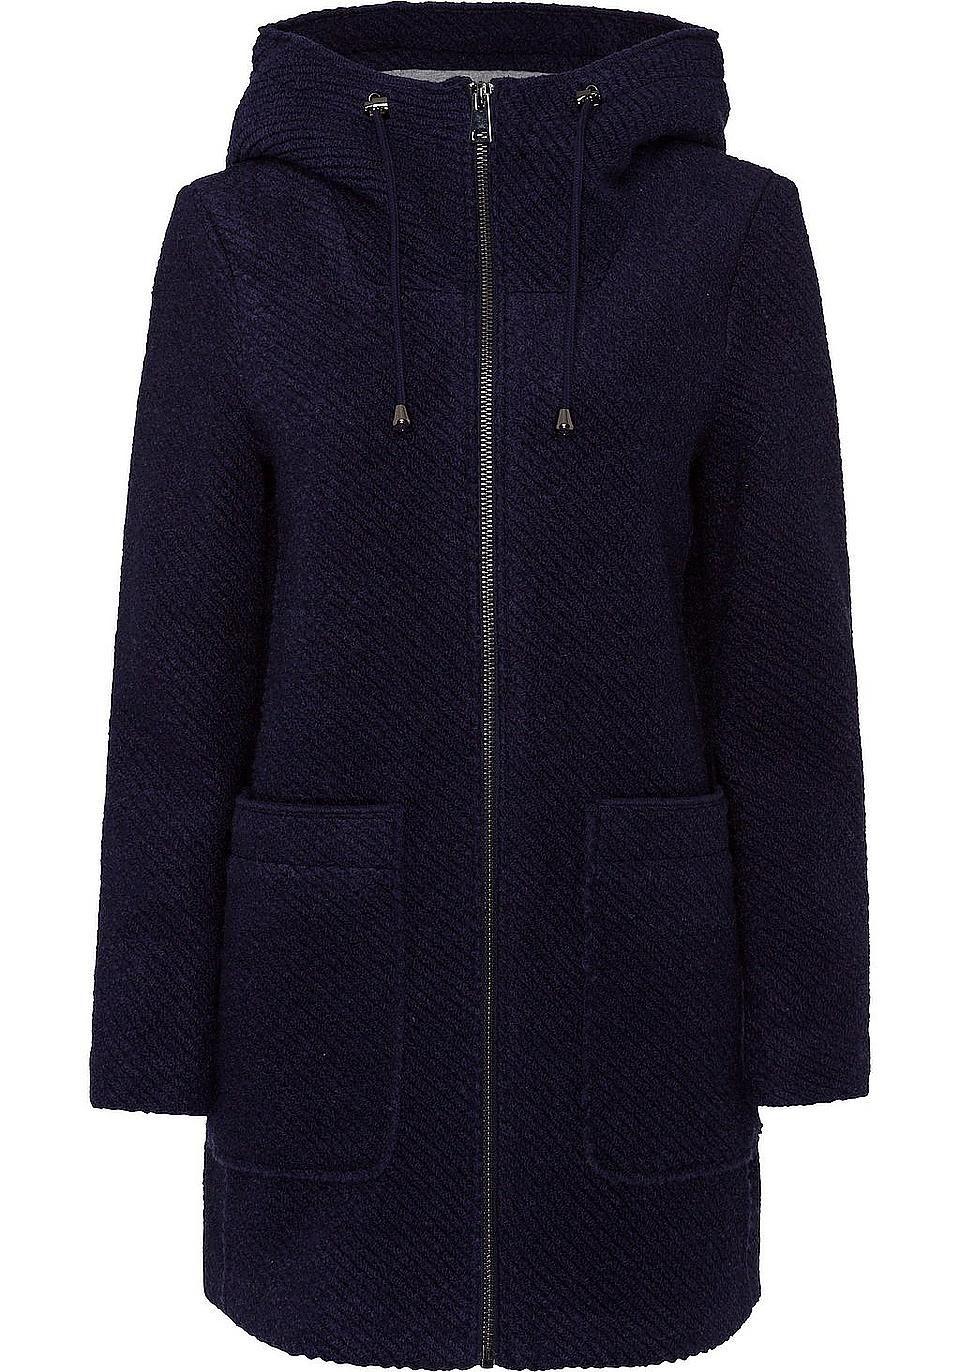 on sale 71705 d1d87 Esprit Kurzmantel für | W40-2018-Bekleidung | Coat, Jackets ...